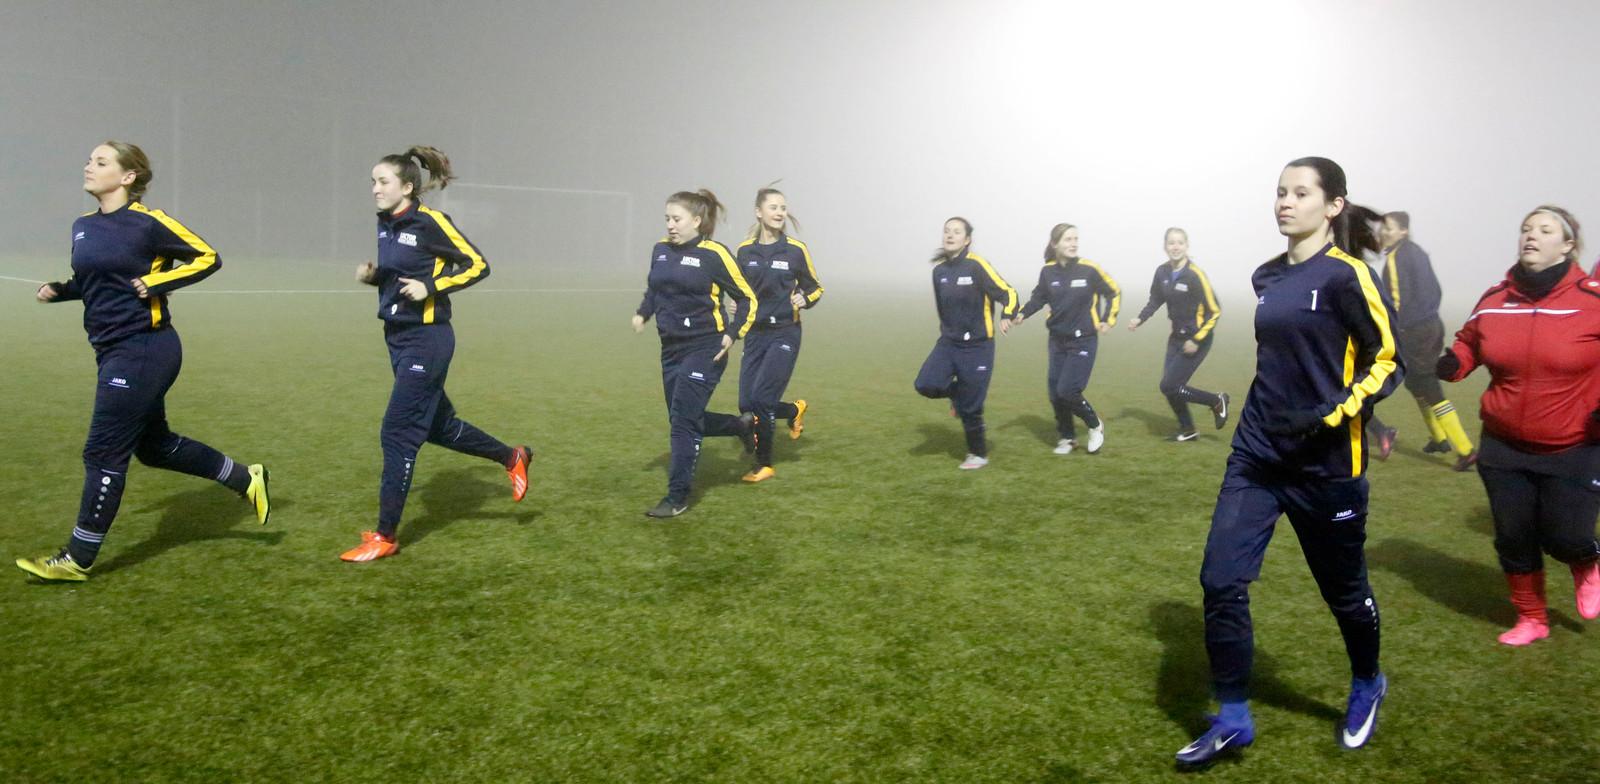 HVV'24 organiseerde in januari 2017 een inloopavond en training waarbij vrouwen kennis konden maken met voetbal.